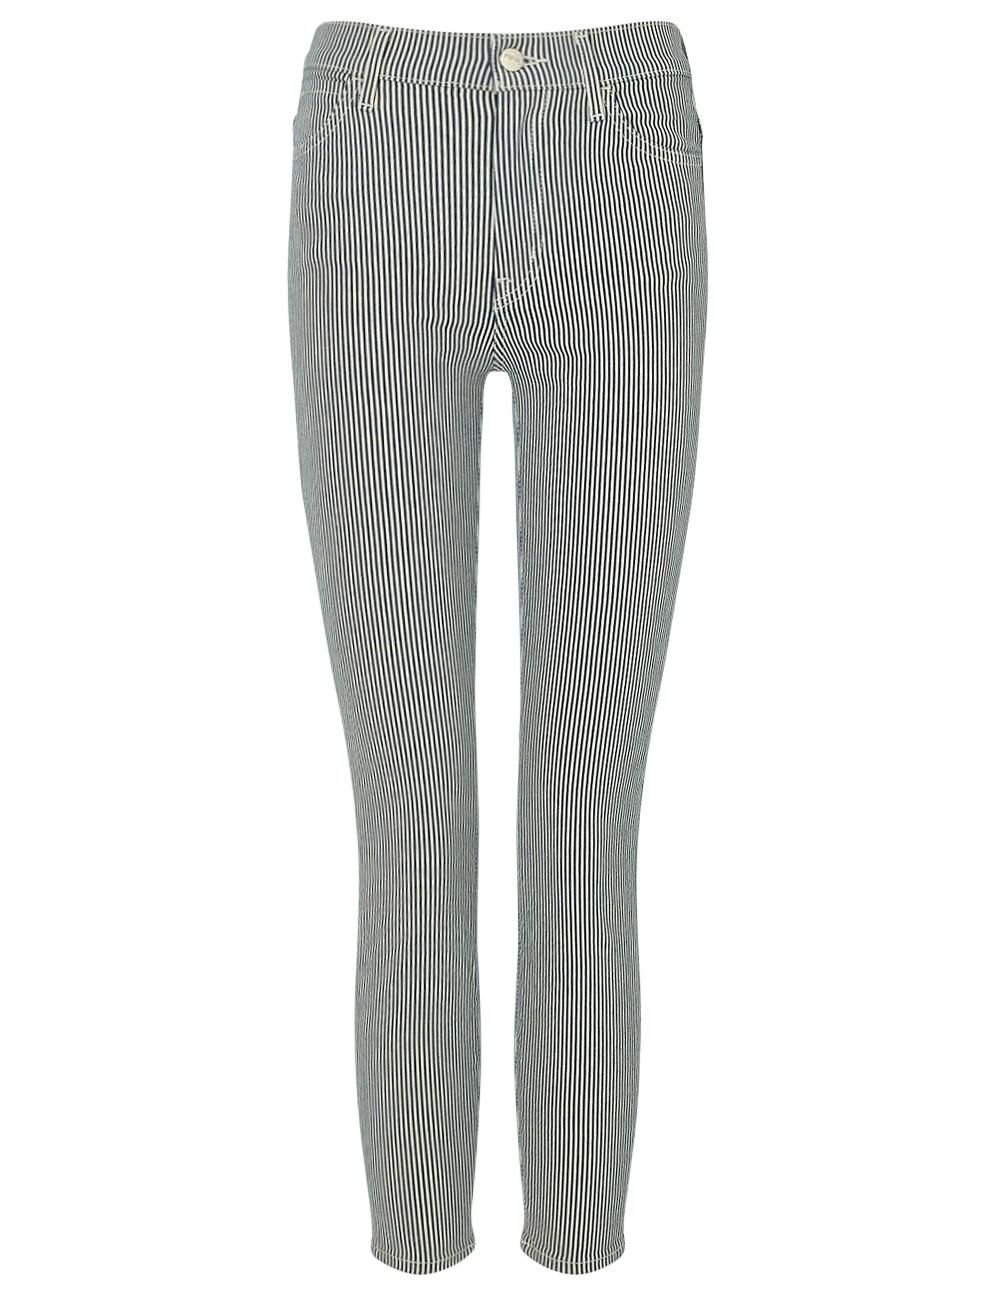 Koral striped skinny jeans